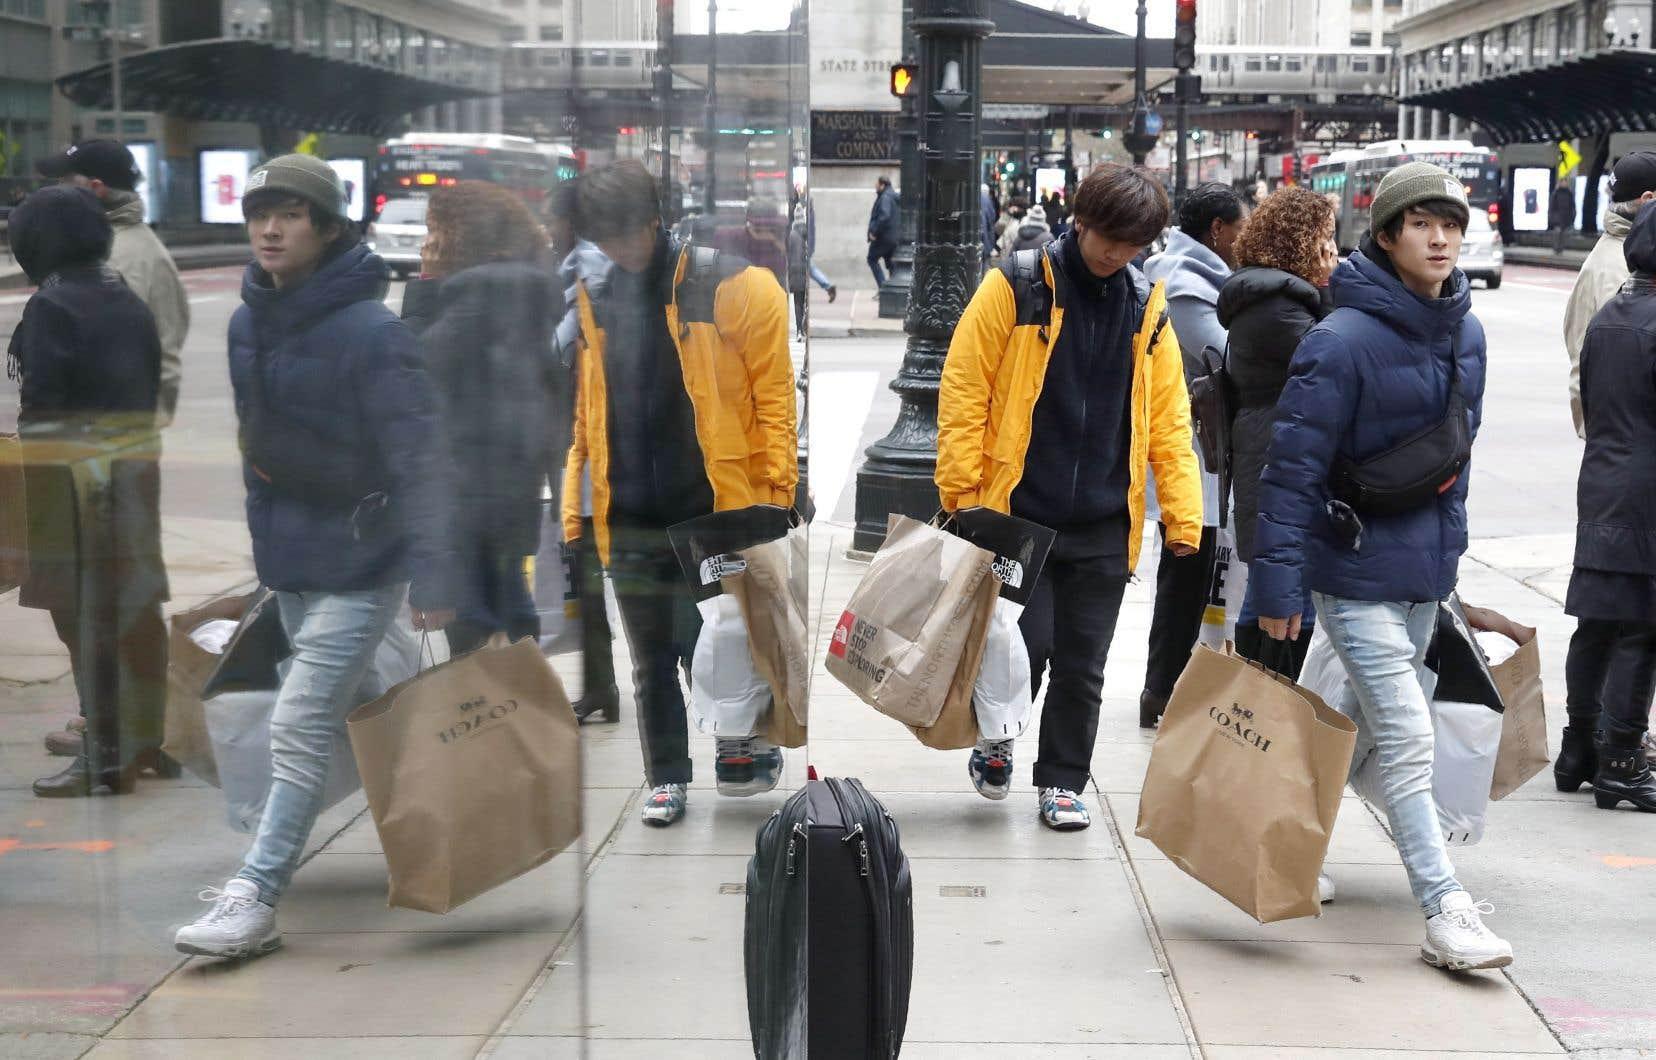 Le Vendredi fou reste la plus grosse journée de l'année pour bon nombre de commerçants américains.